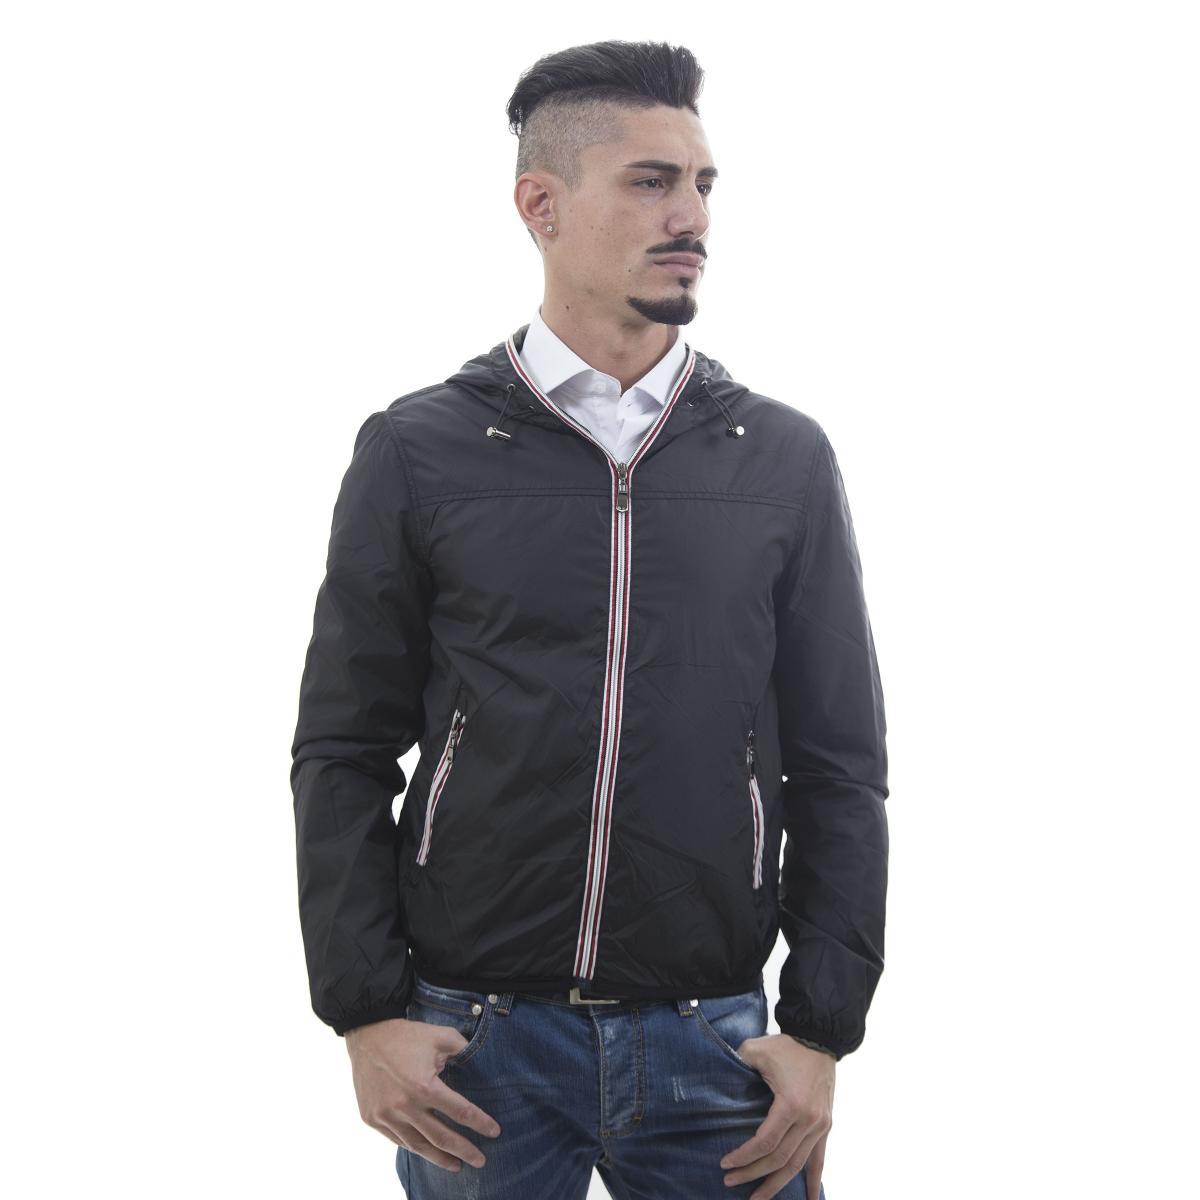 Giubbotto k-way con cappuccio per mezze stagioni - uomo